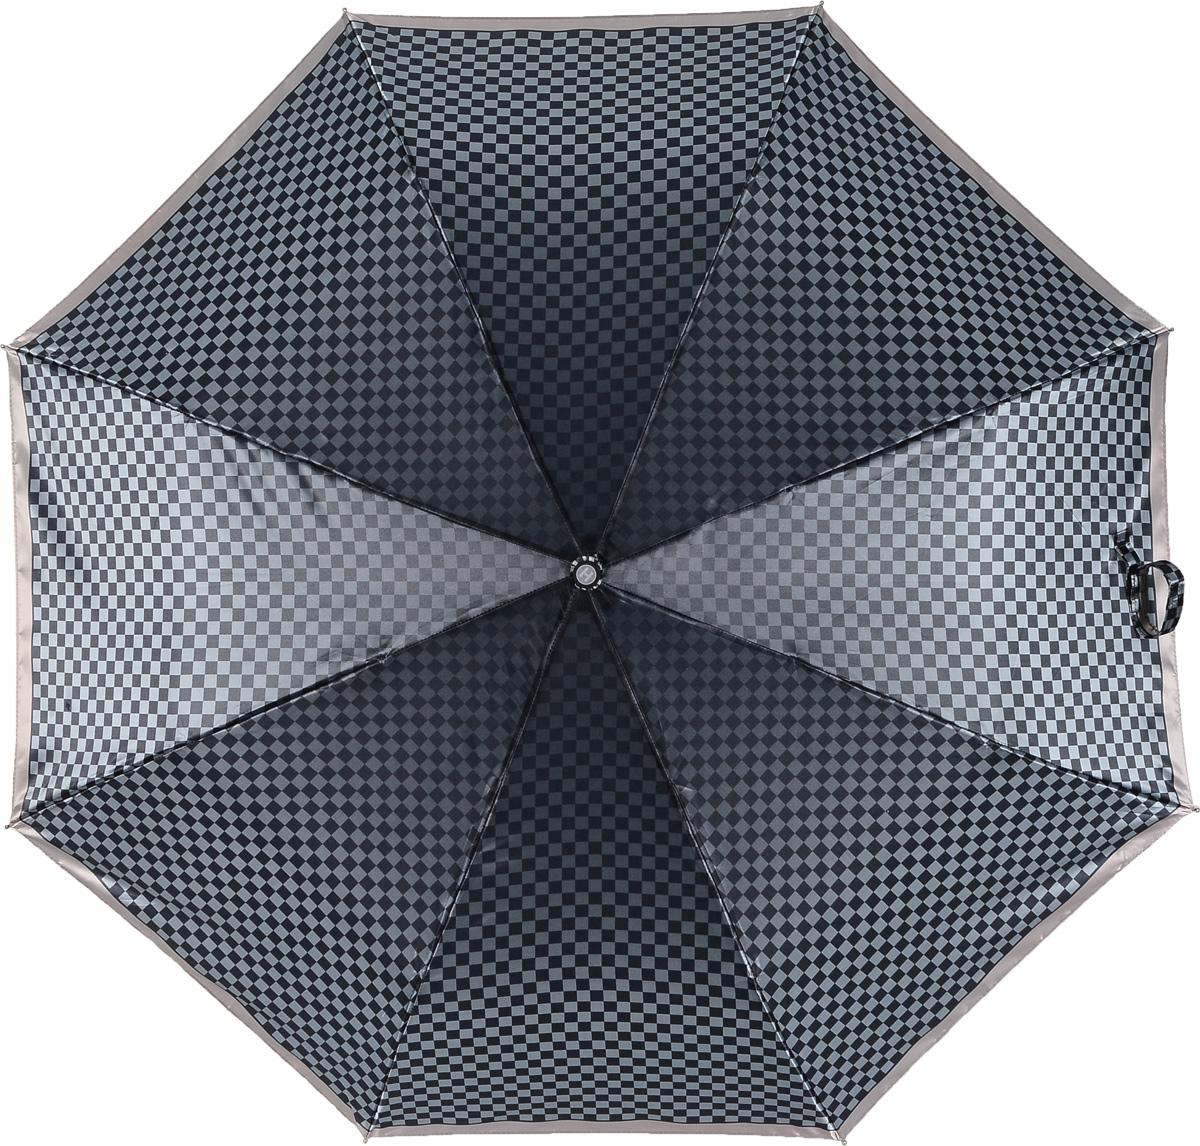 Зонт женский Henry Backer, 3 сложения, цвет: серый. U23201 JacquaretteU23201 JacquaretteСтильный женский зонт «Жаккард» с сатиновым куполом, автомат У зонта комфортная для ладони рукоять из нескользящего материала с насечками под пальцы, чтобы зонт было удобно удерживать при порывах ветра.